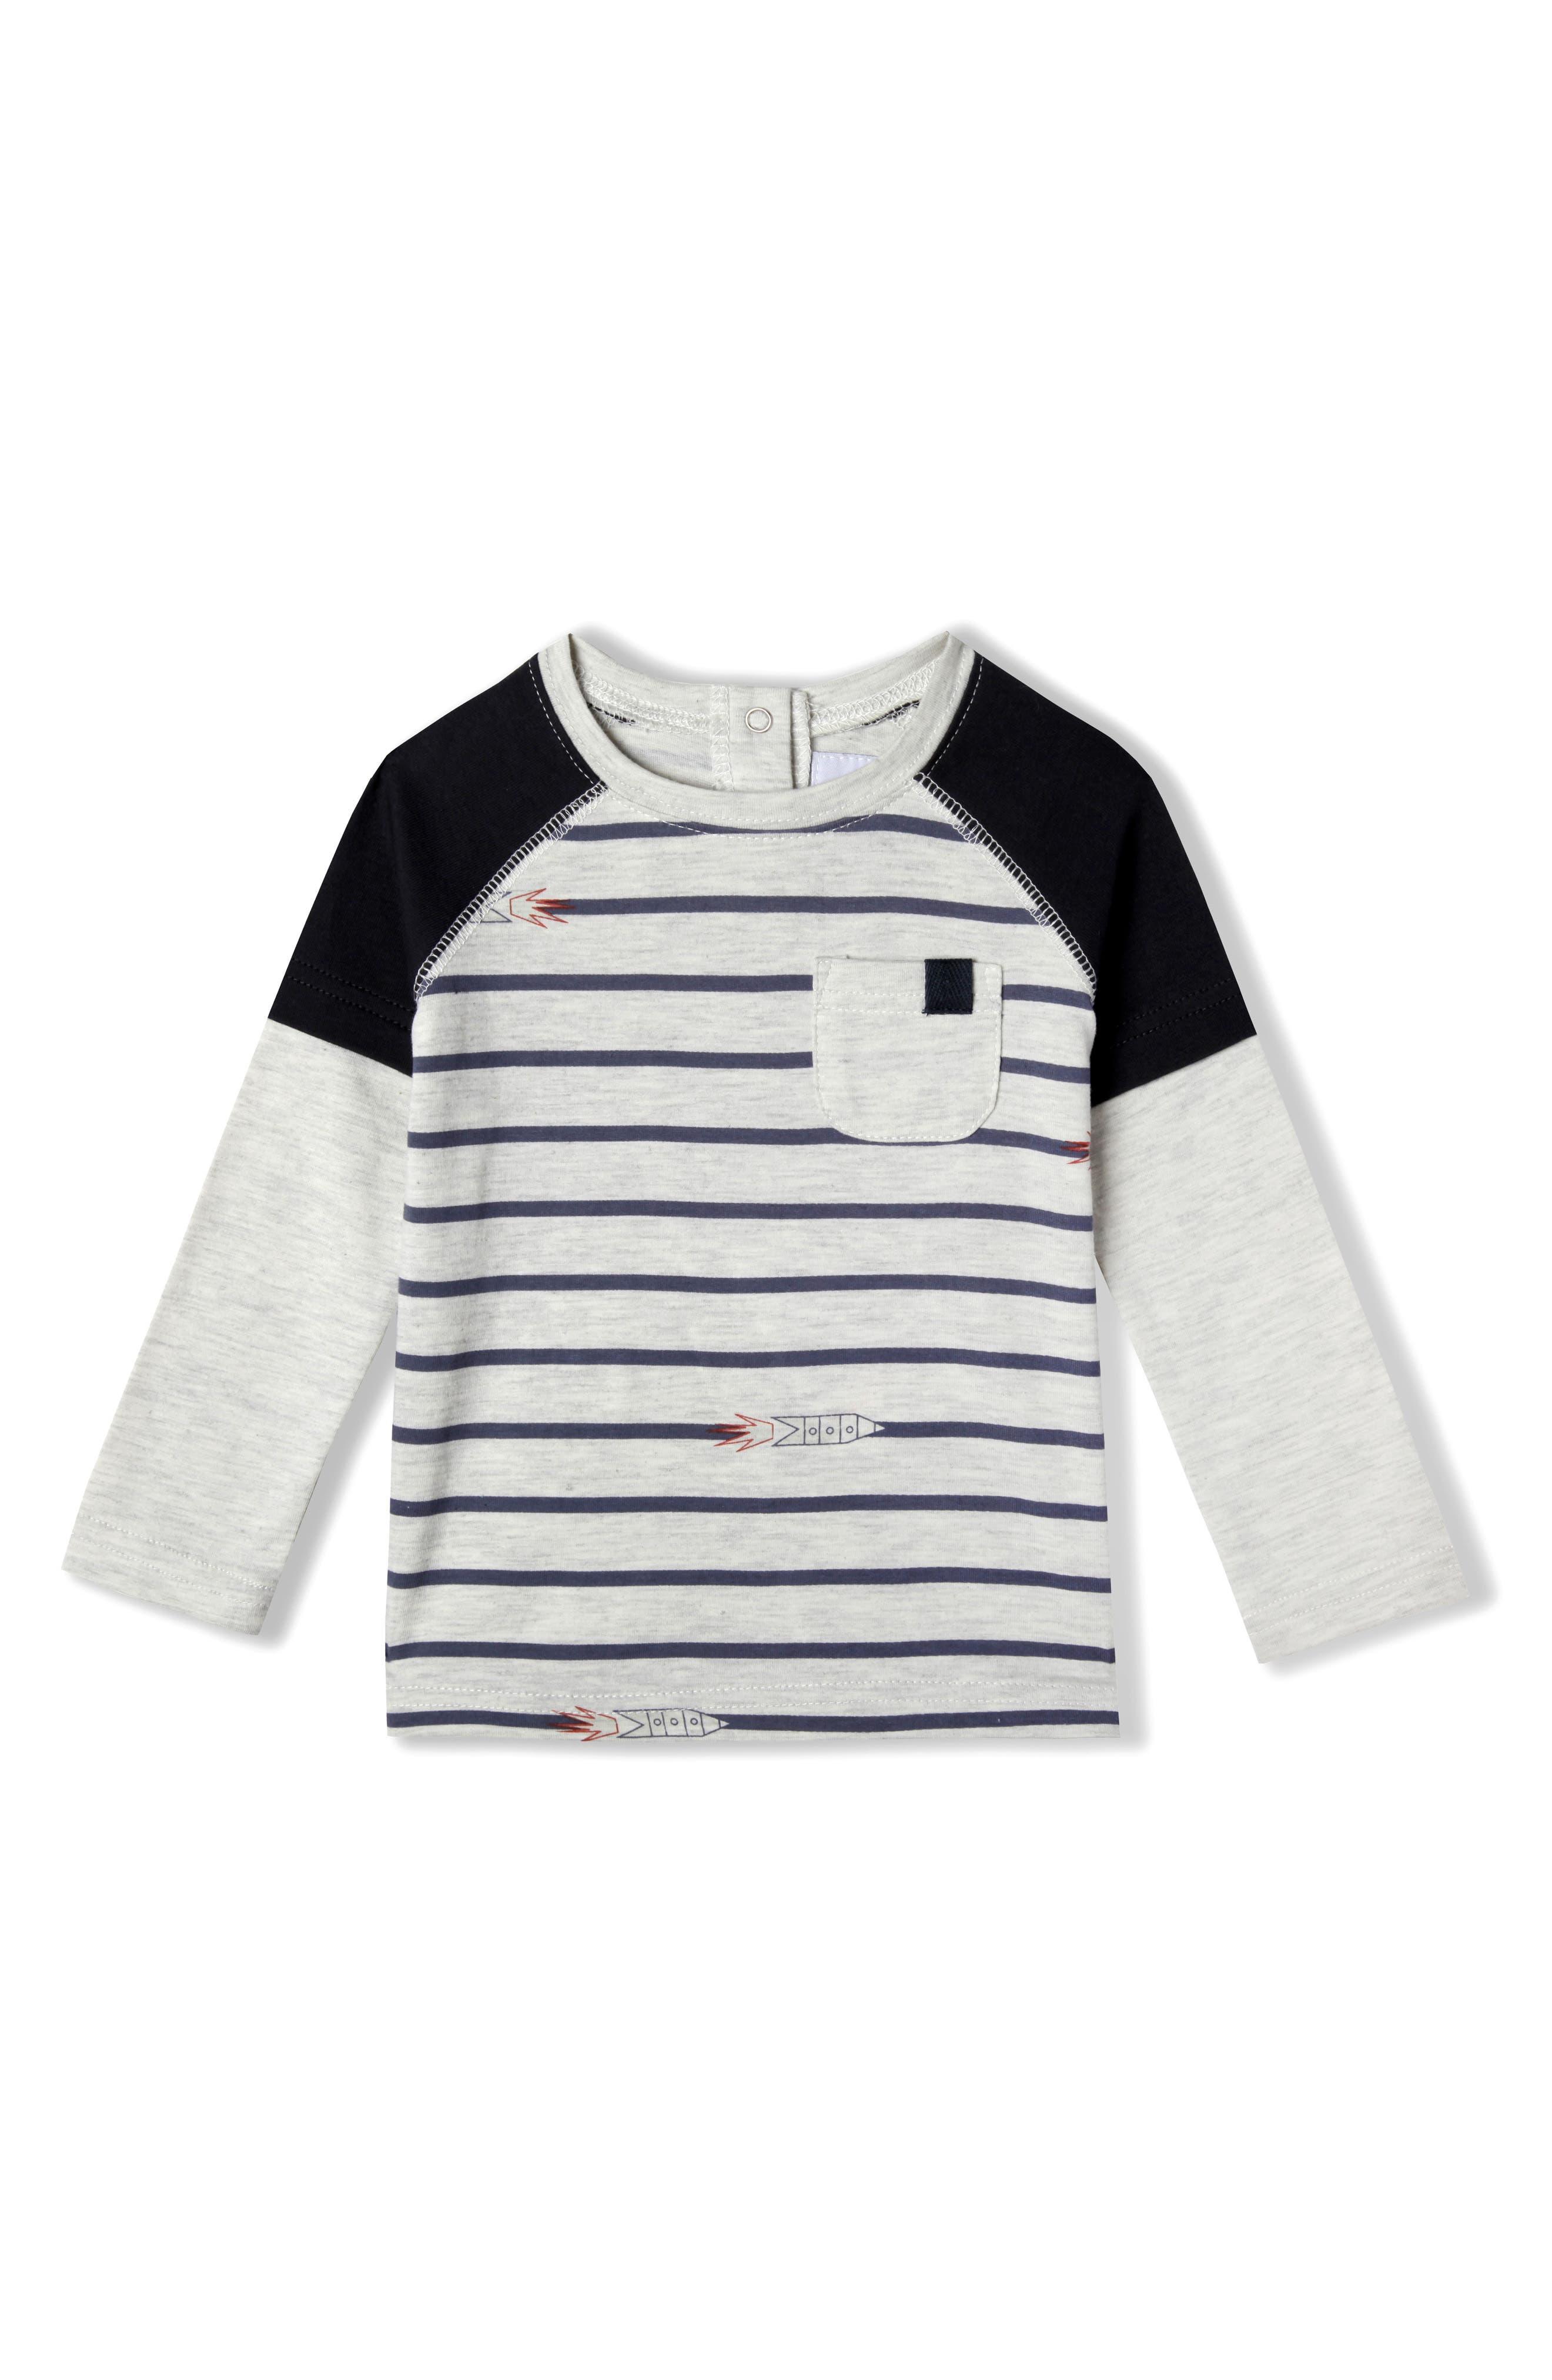 Rocket Organic Cotton T-Shirt,                             Main thumbnail 1, color,                             Marled